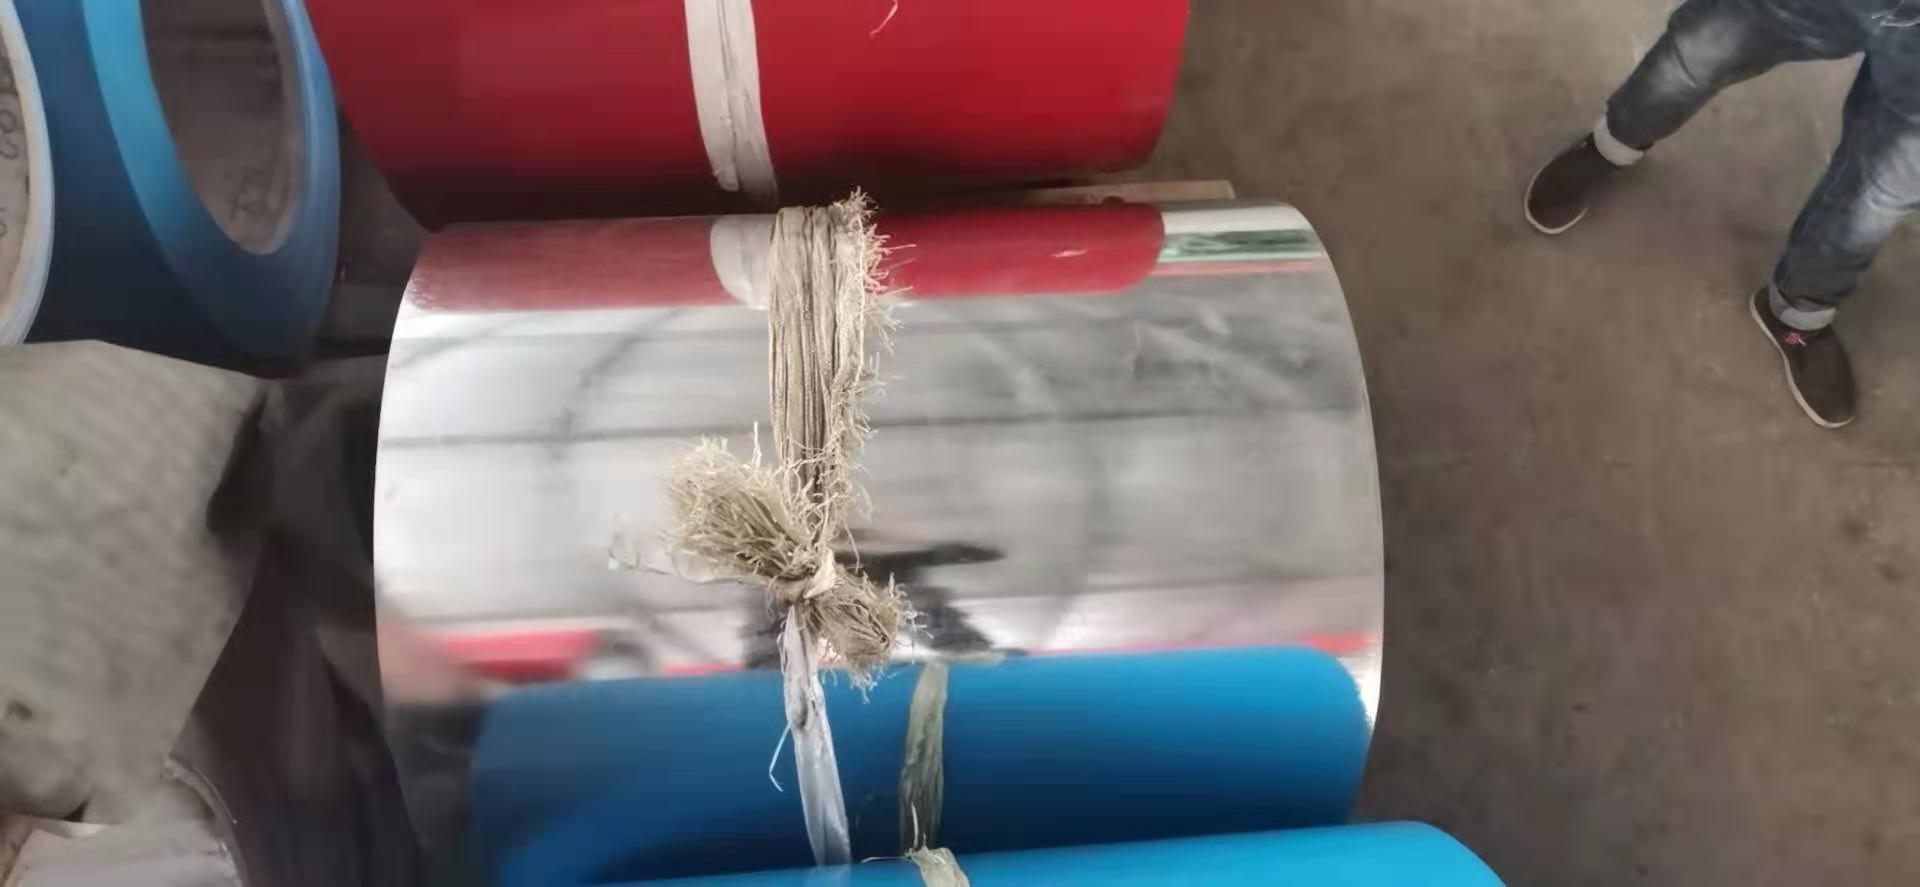 宁夏回族自治区中卫市彩色保温铝卷厂家销售橘皮花纹铝皮卷现货销售